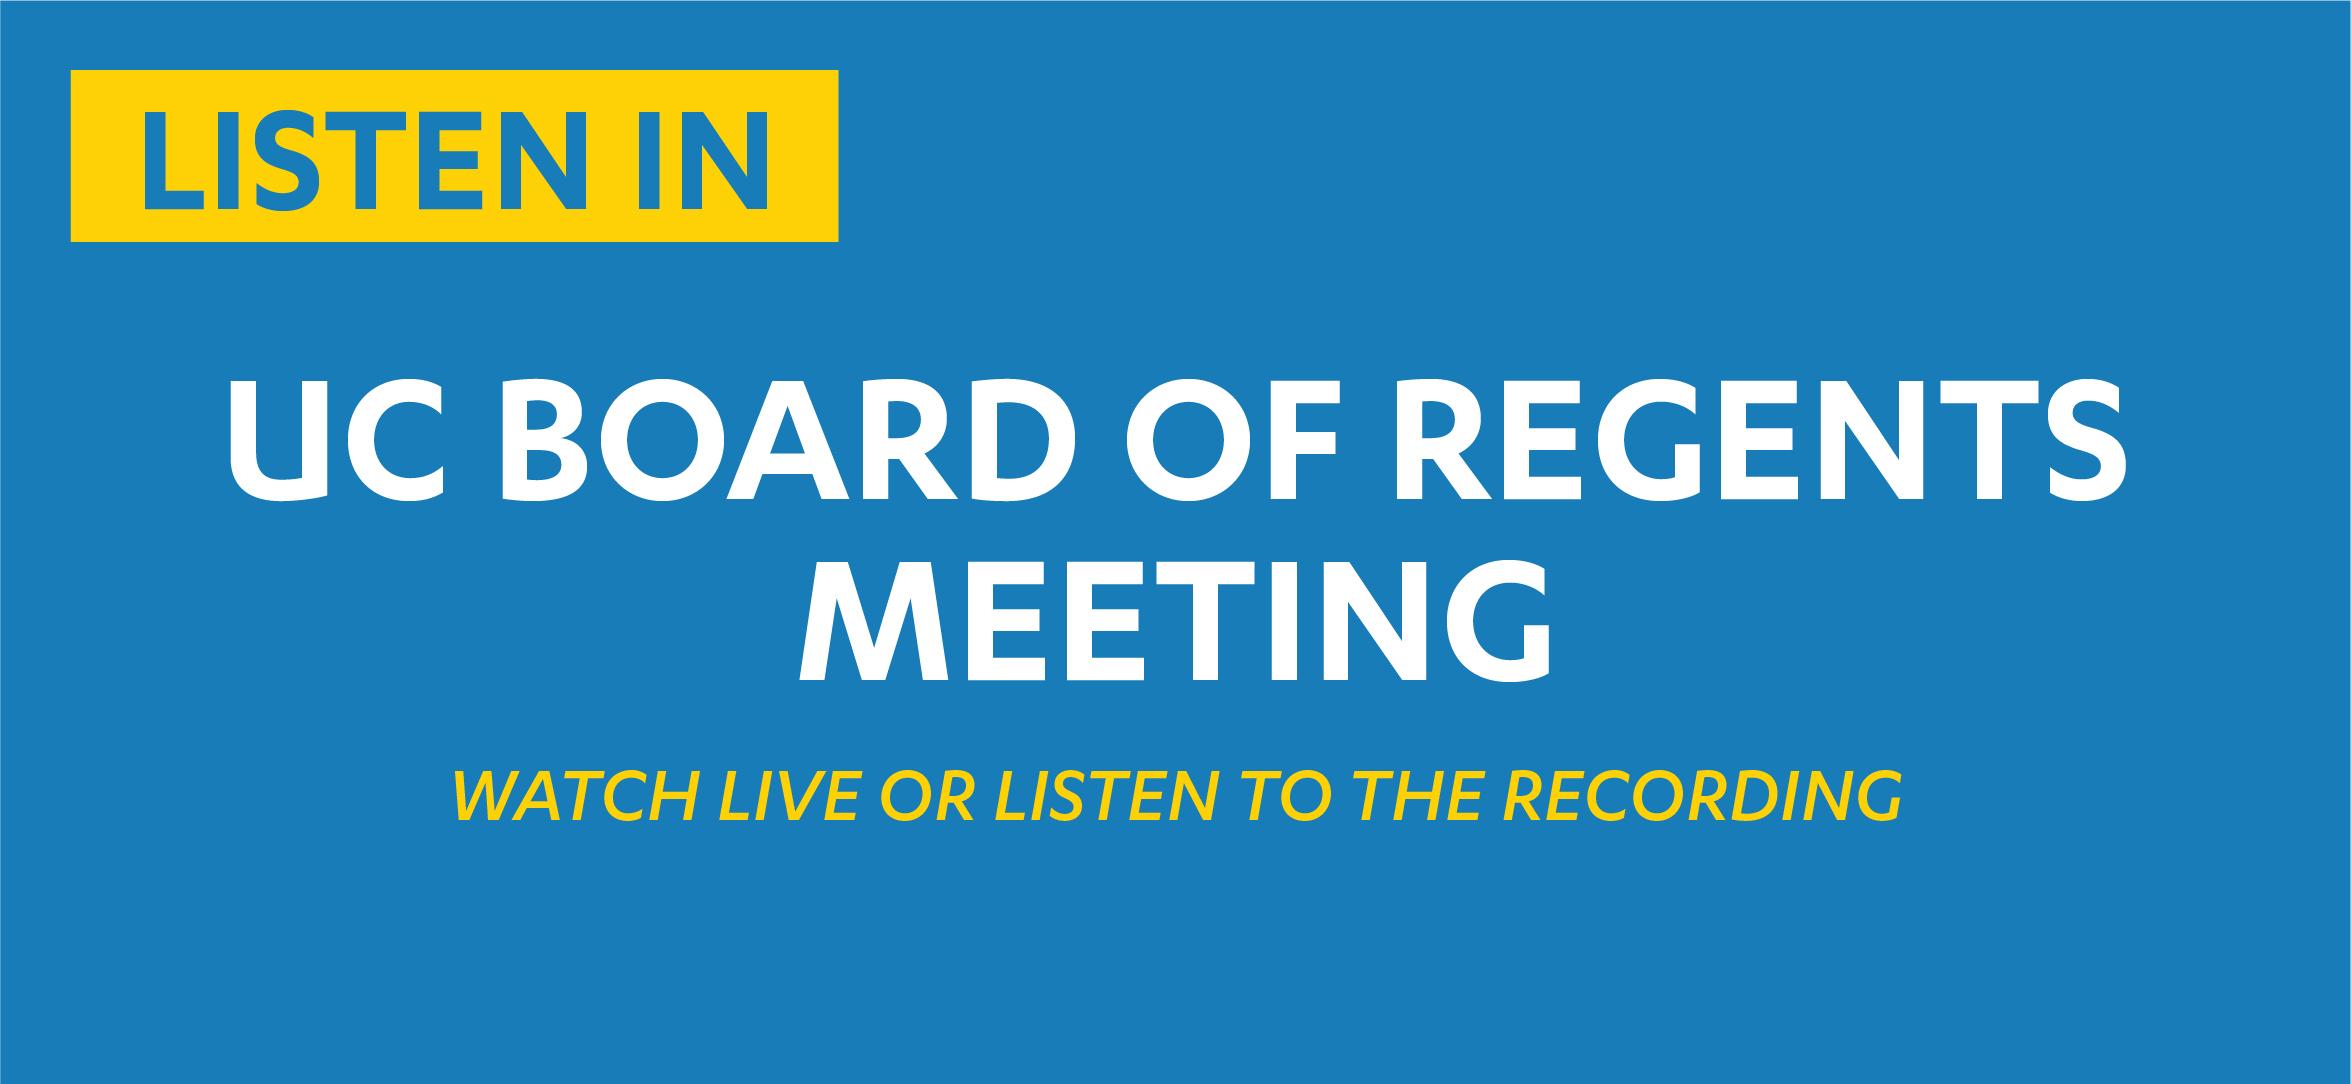 UC Board of Regents Meeting